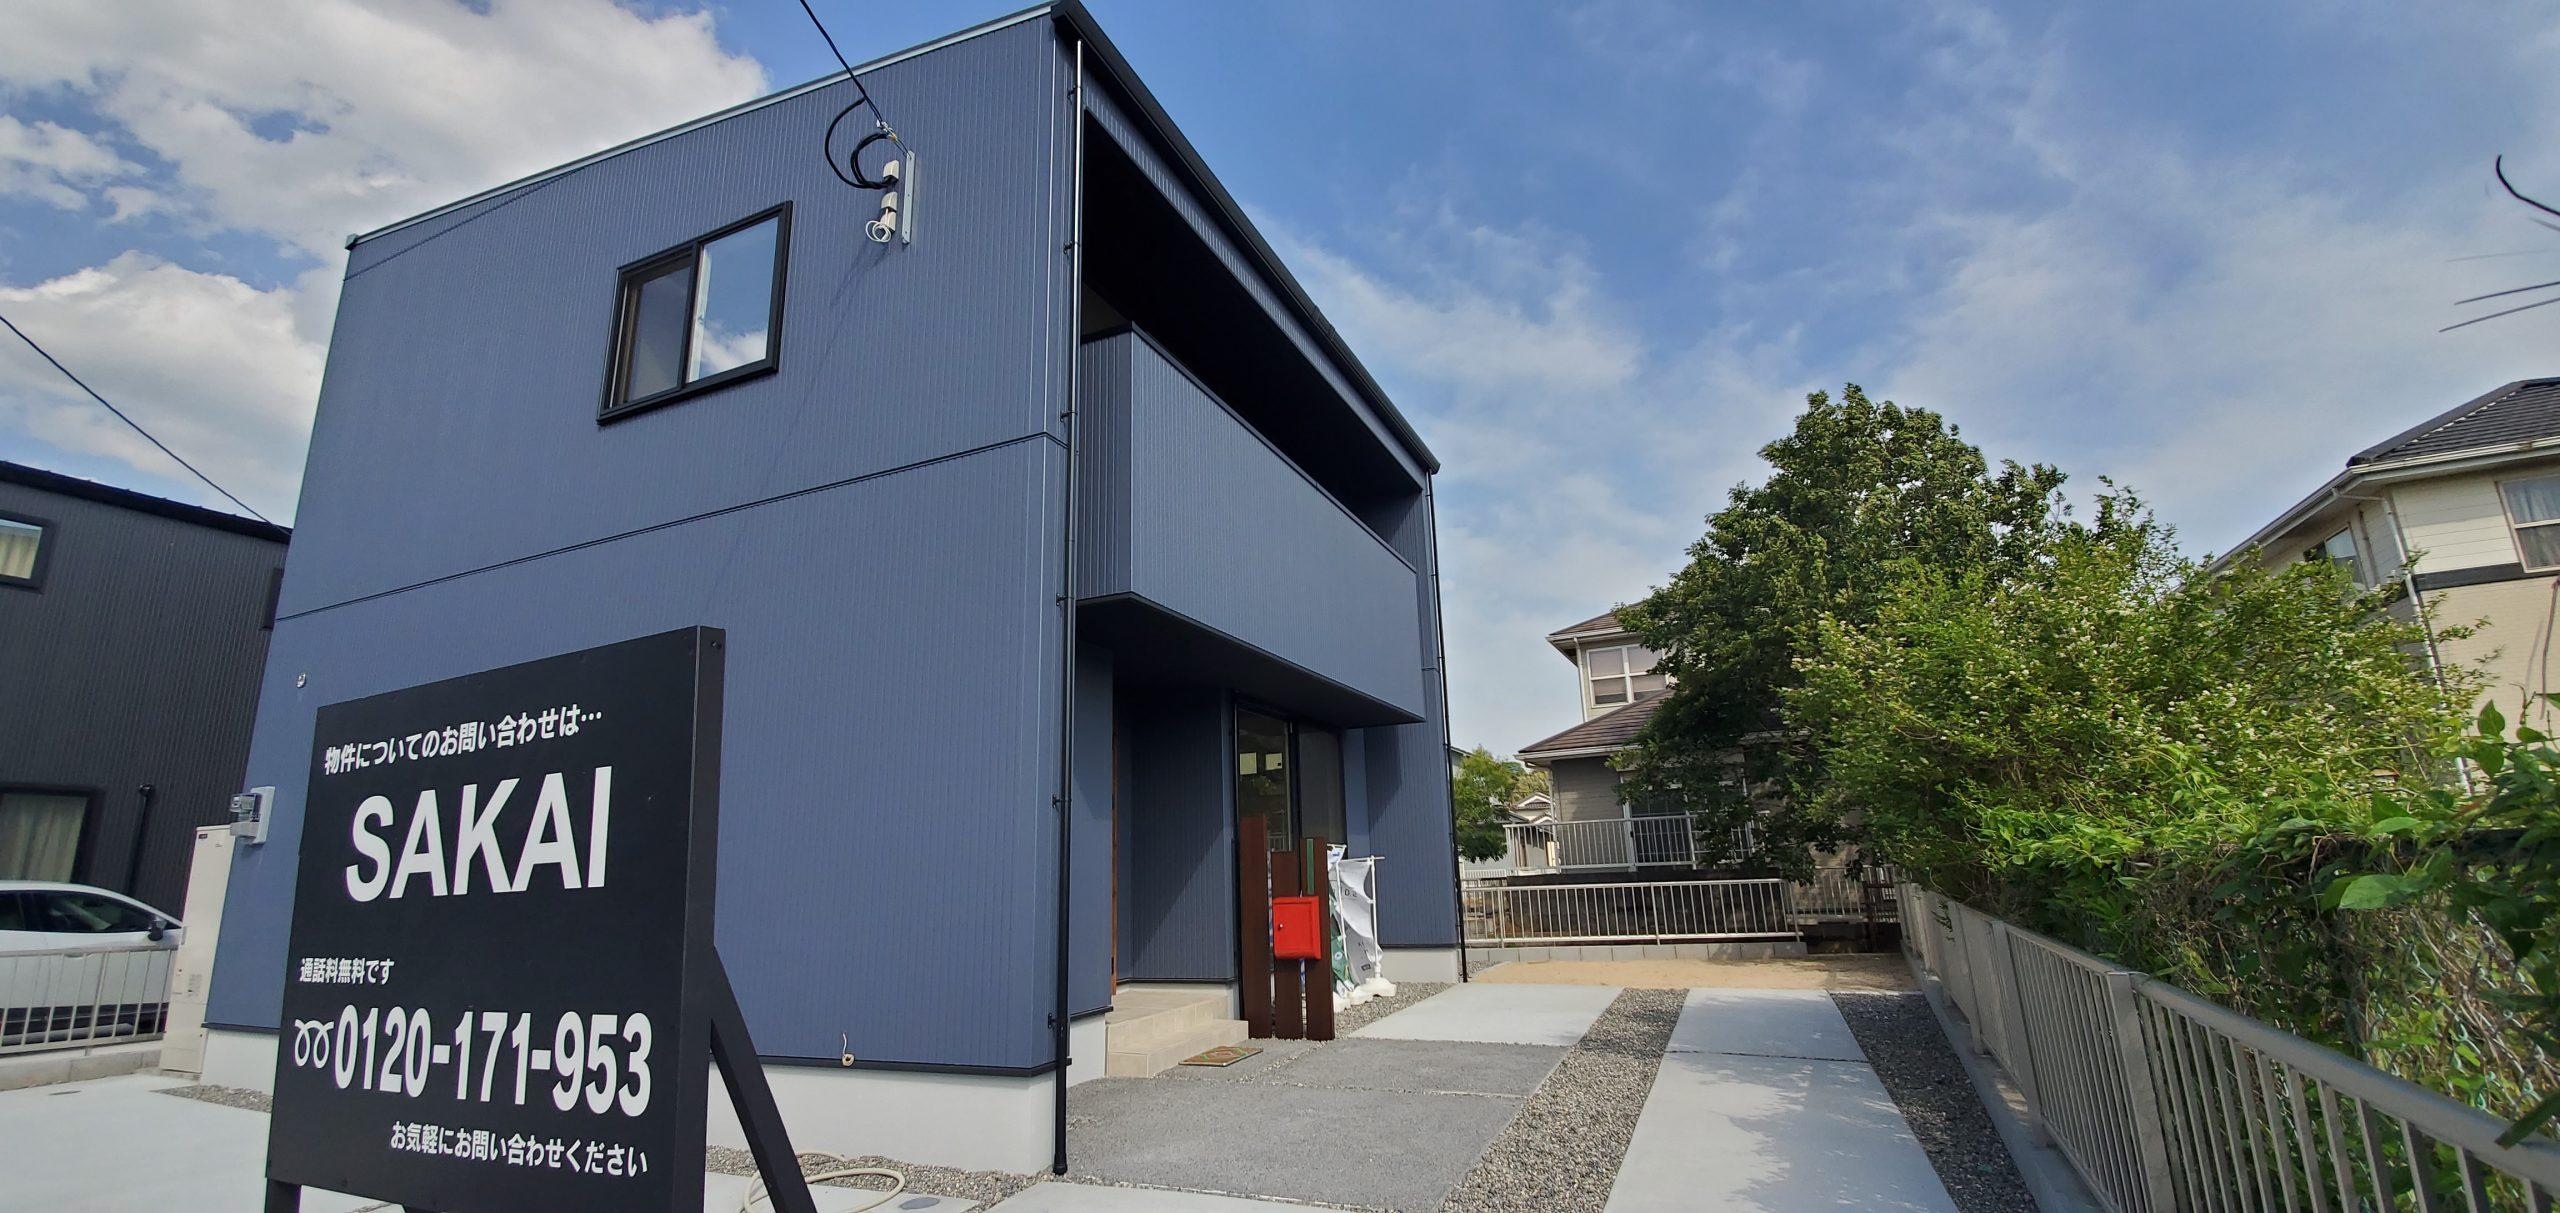 大分市戸次のSAKAIの家 紺色の外壁に赤いポストがアクセントのシンプルハウス